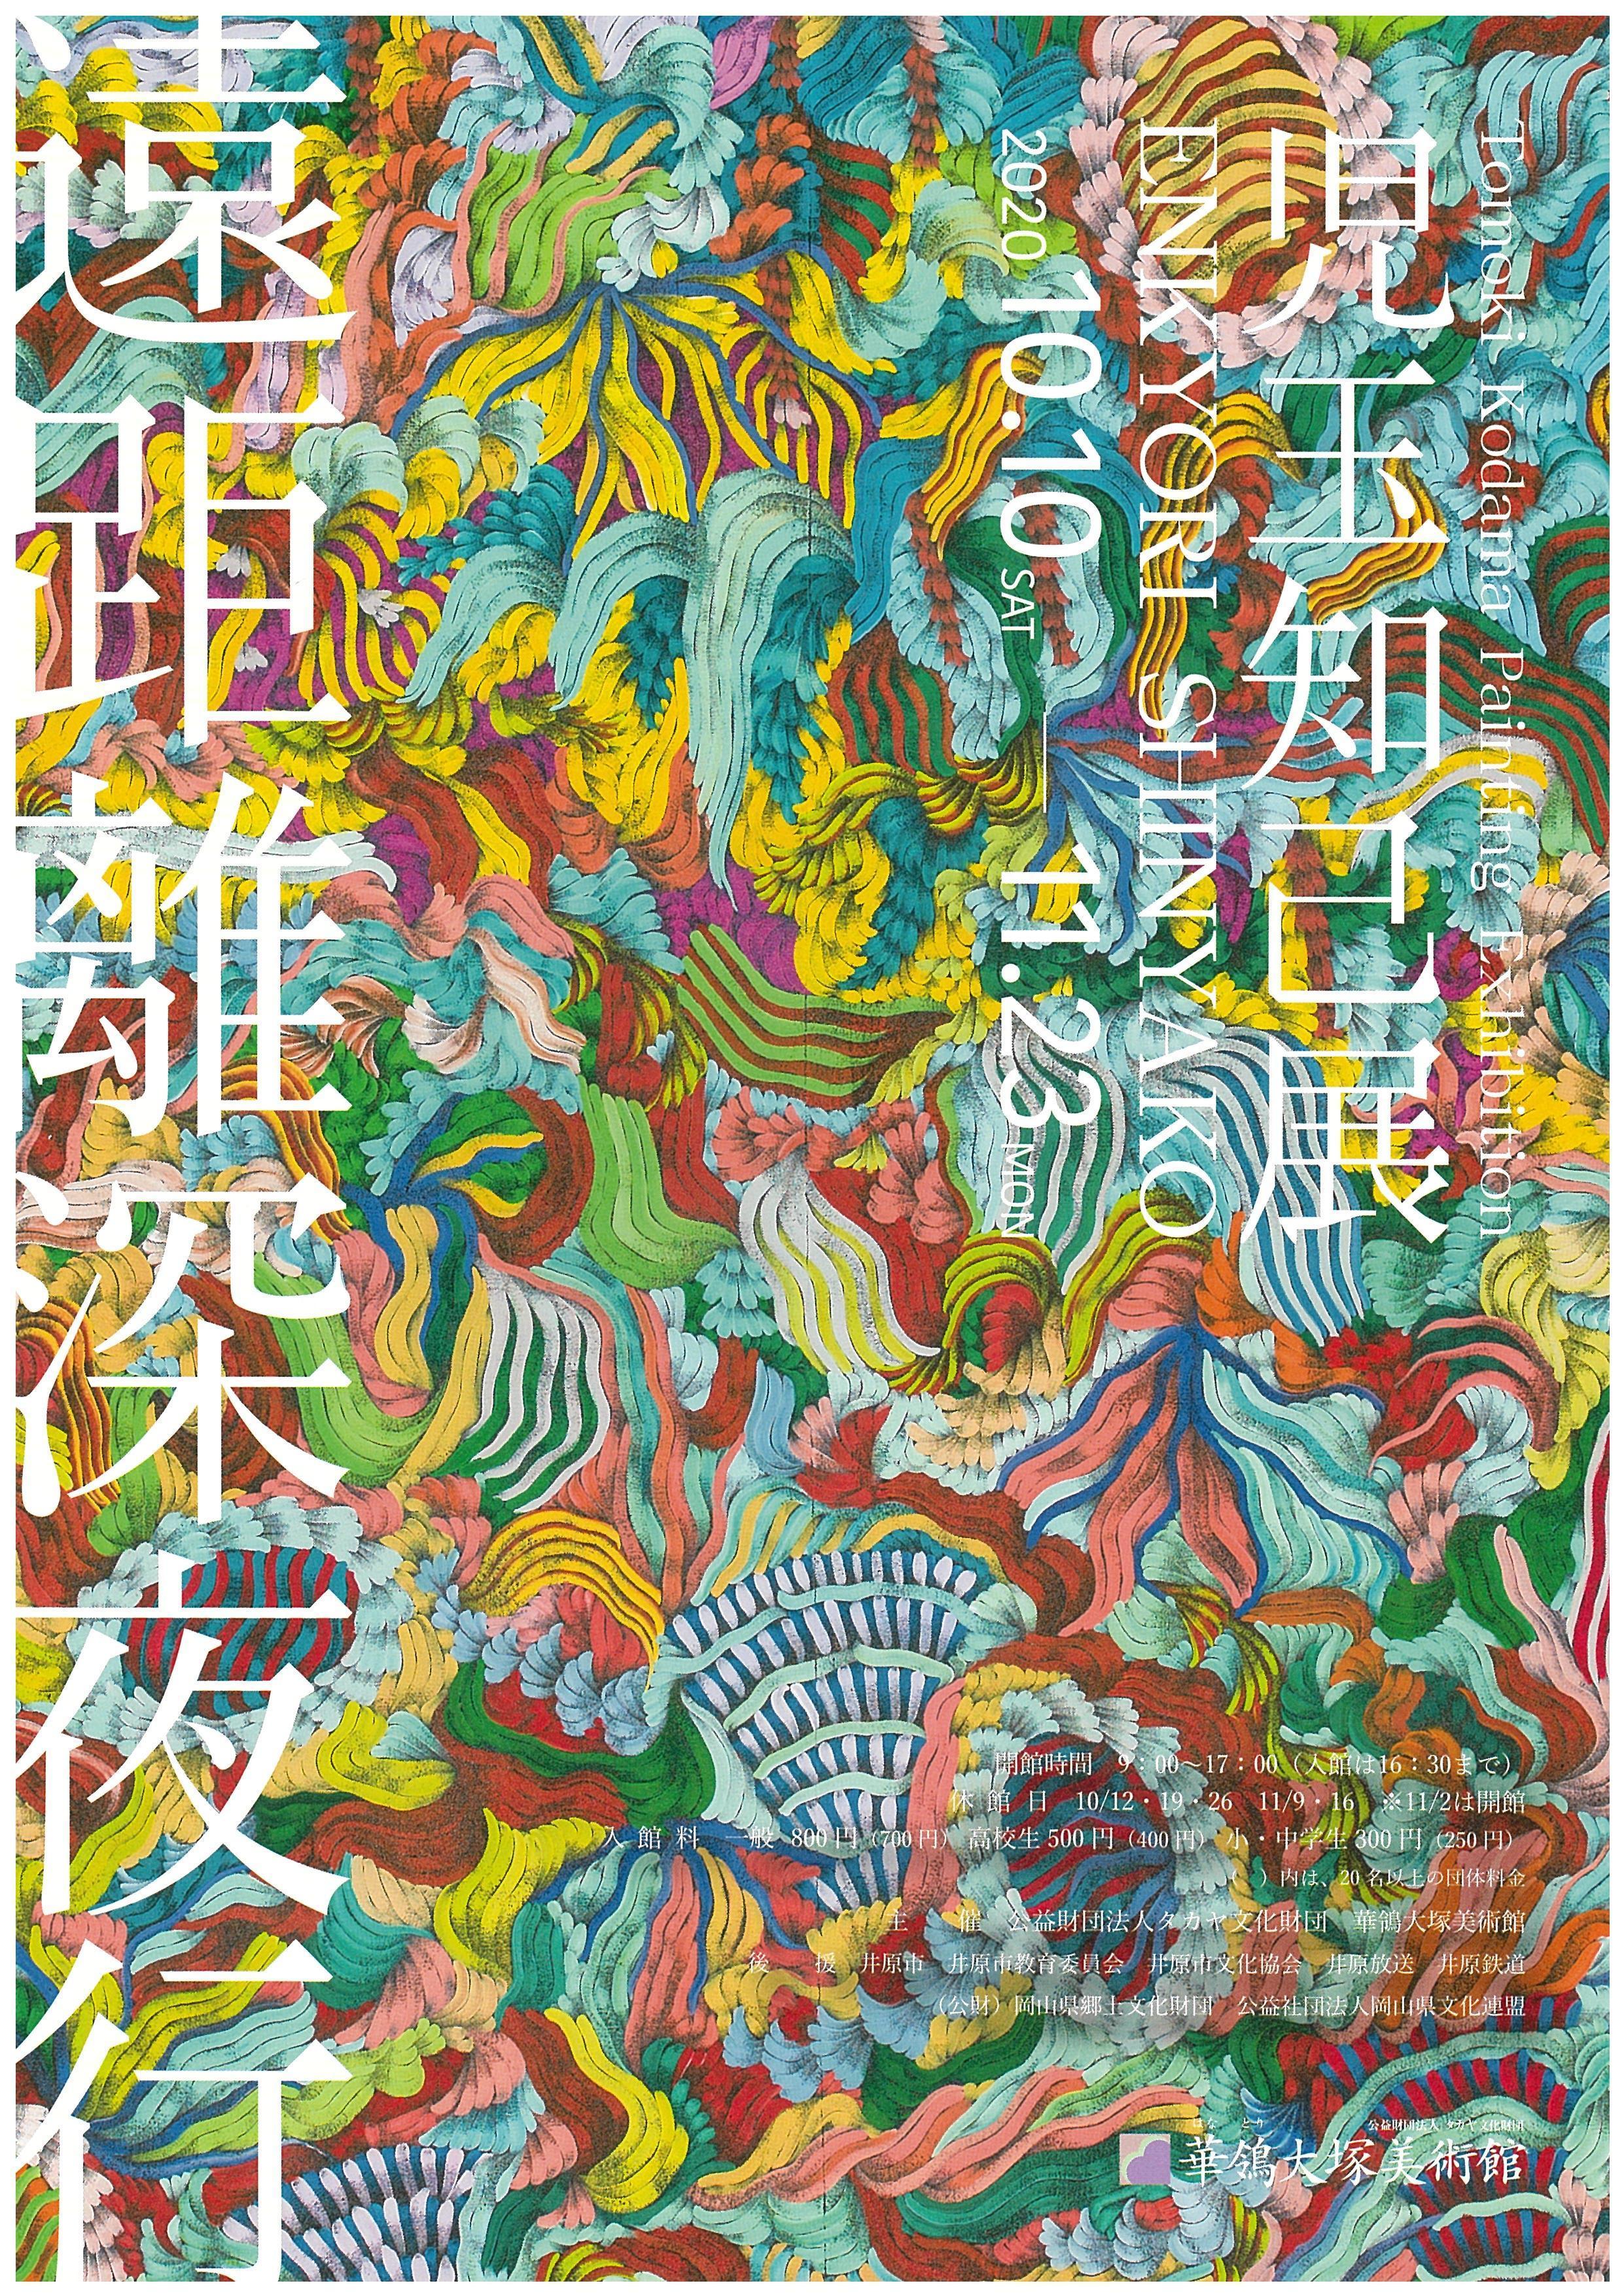 2020年11月23日(月)まで 華鴒大塚美術館 特別展「遠距離深夜行-painting exhibition 児玉知己展」